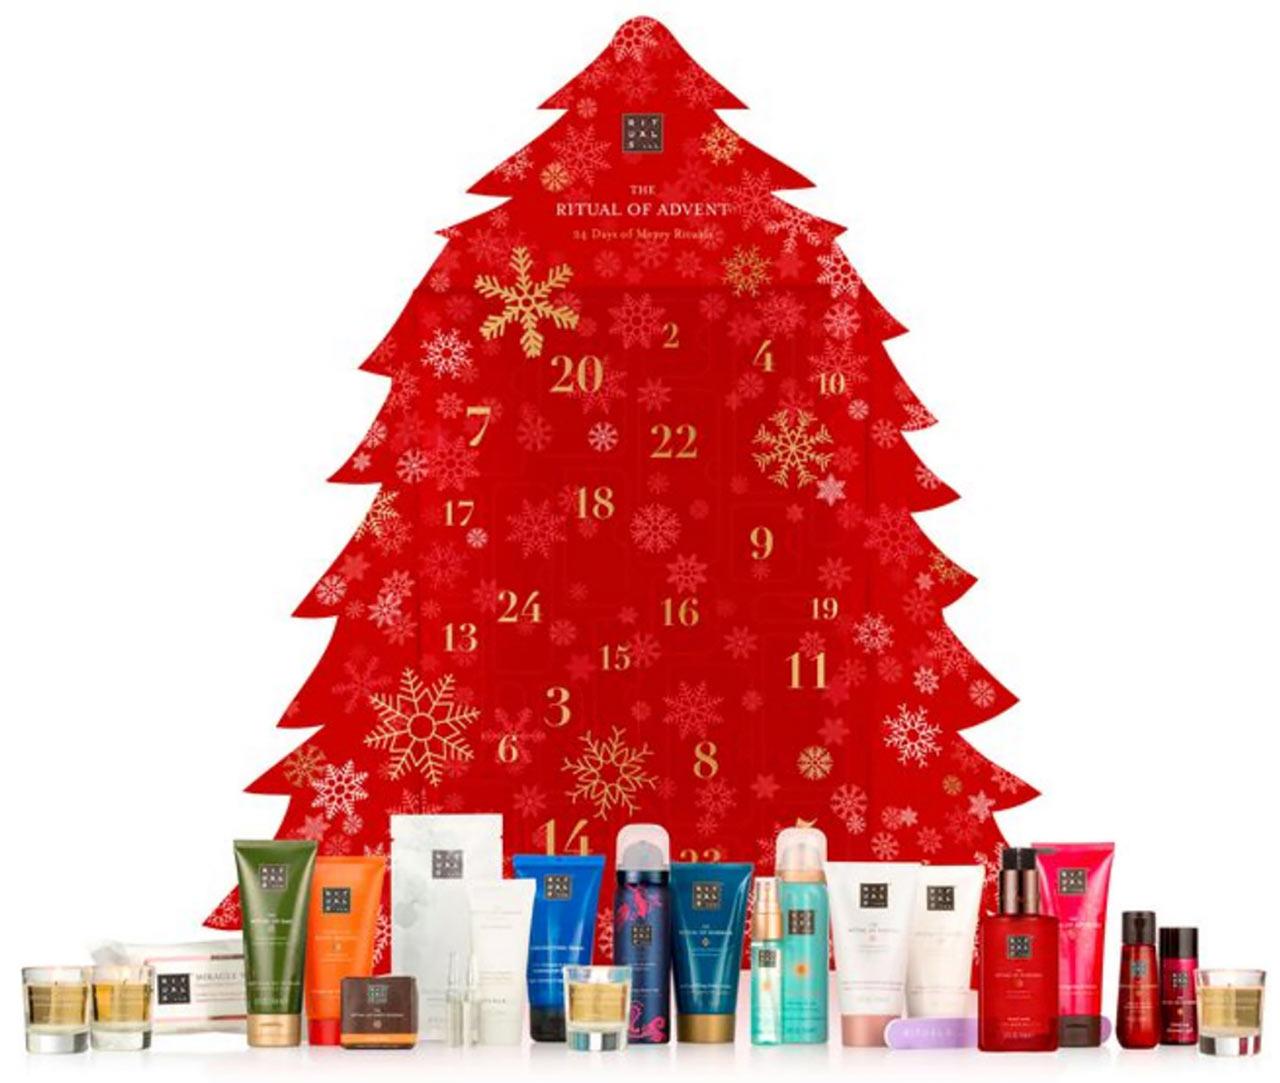 Calendrier de l'avent pour adulte Rituals 2018, un calendrier plein de cadeaux beauté